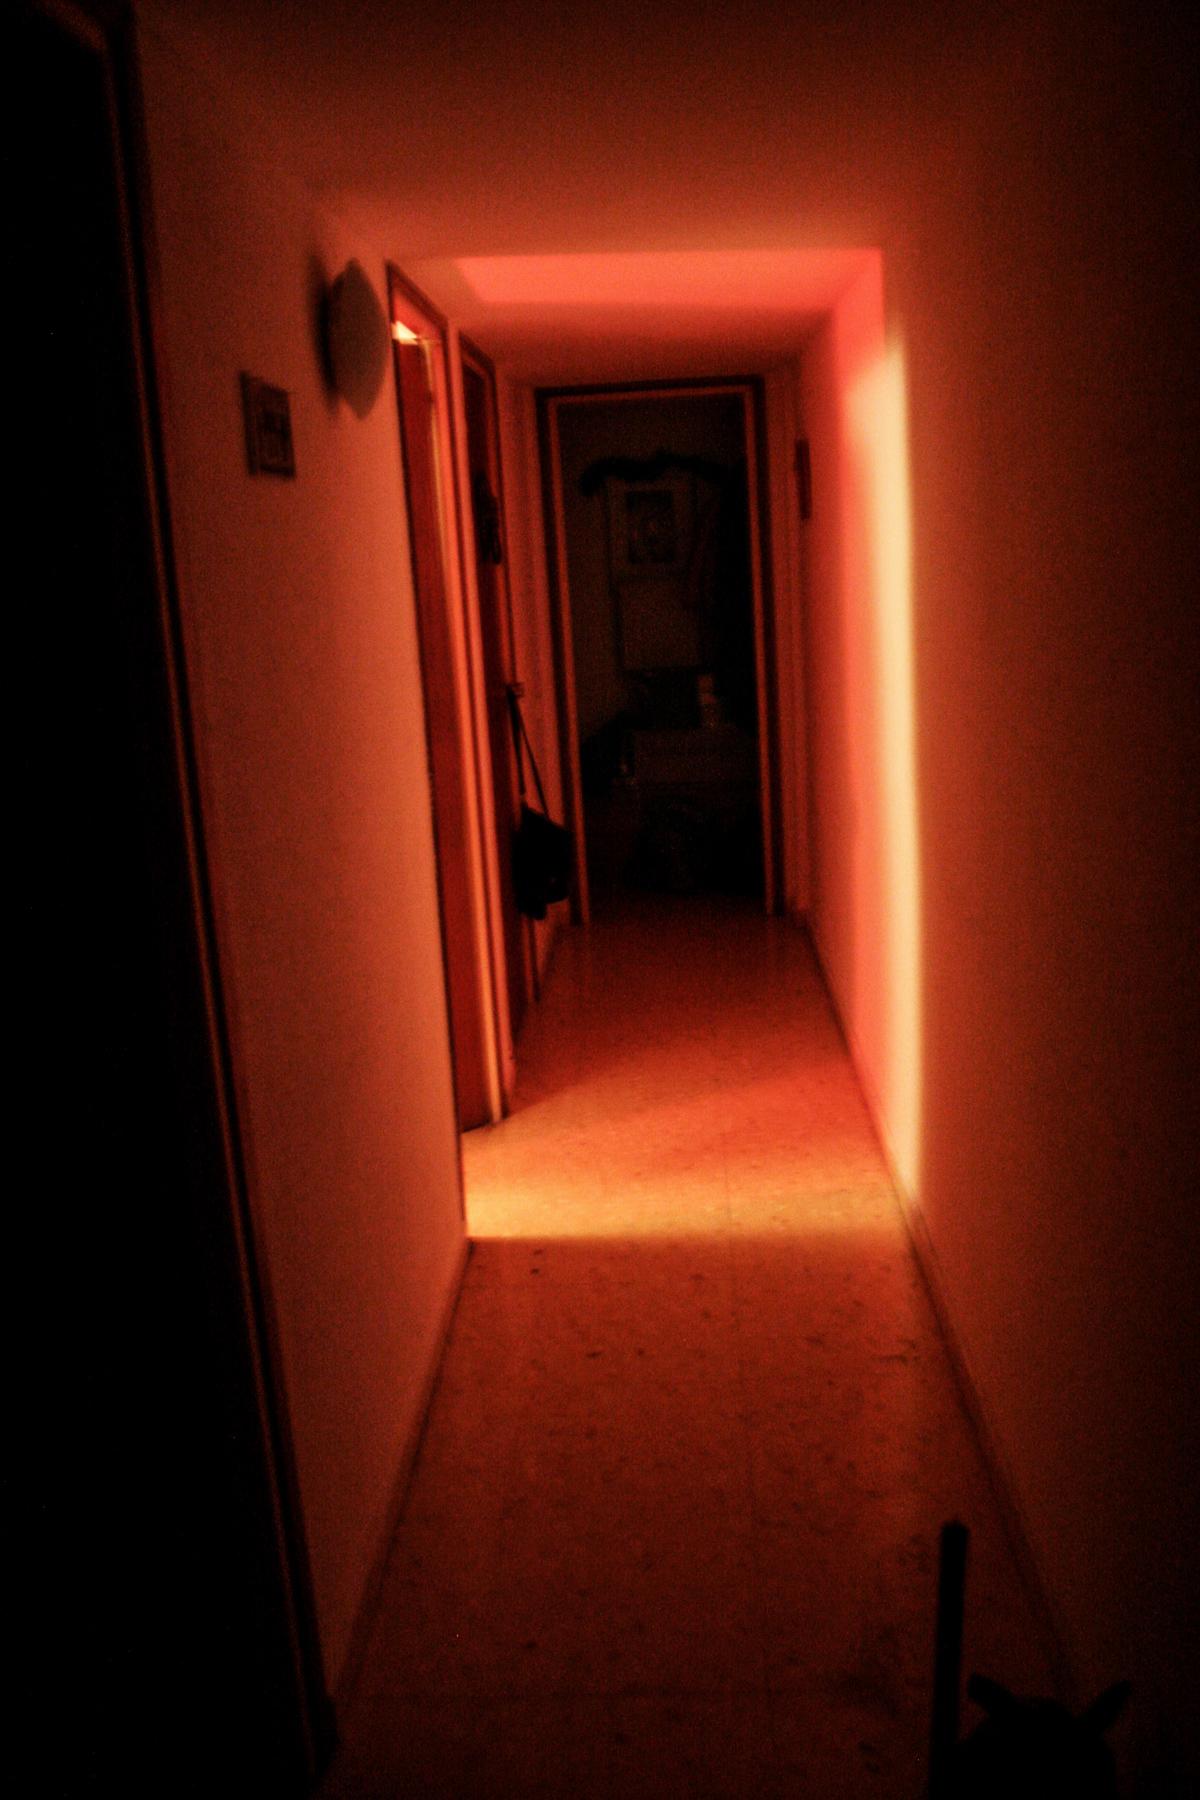 The purple room 03